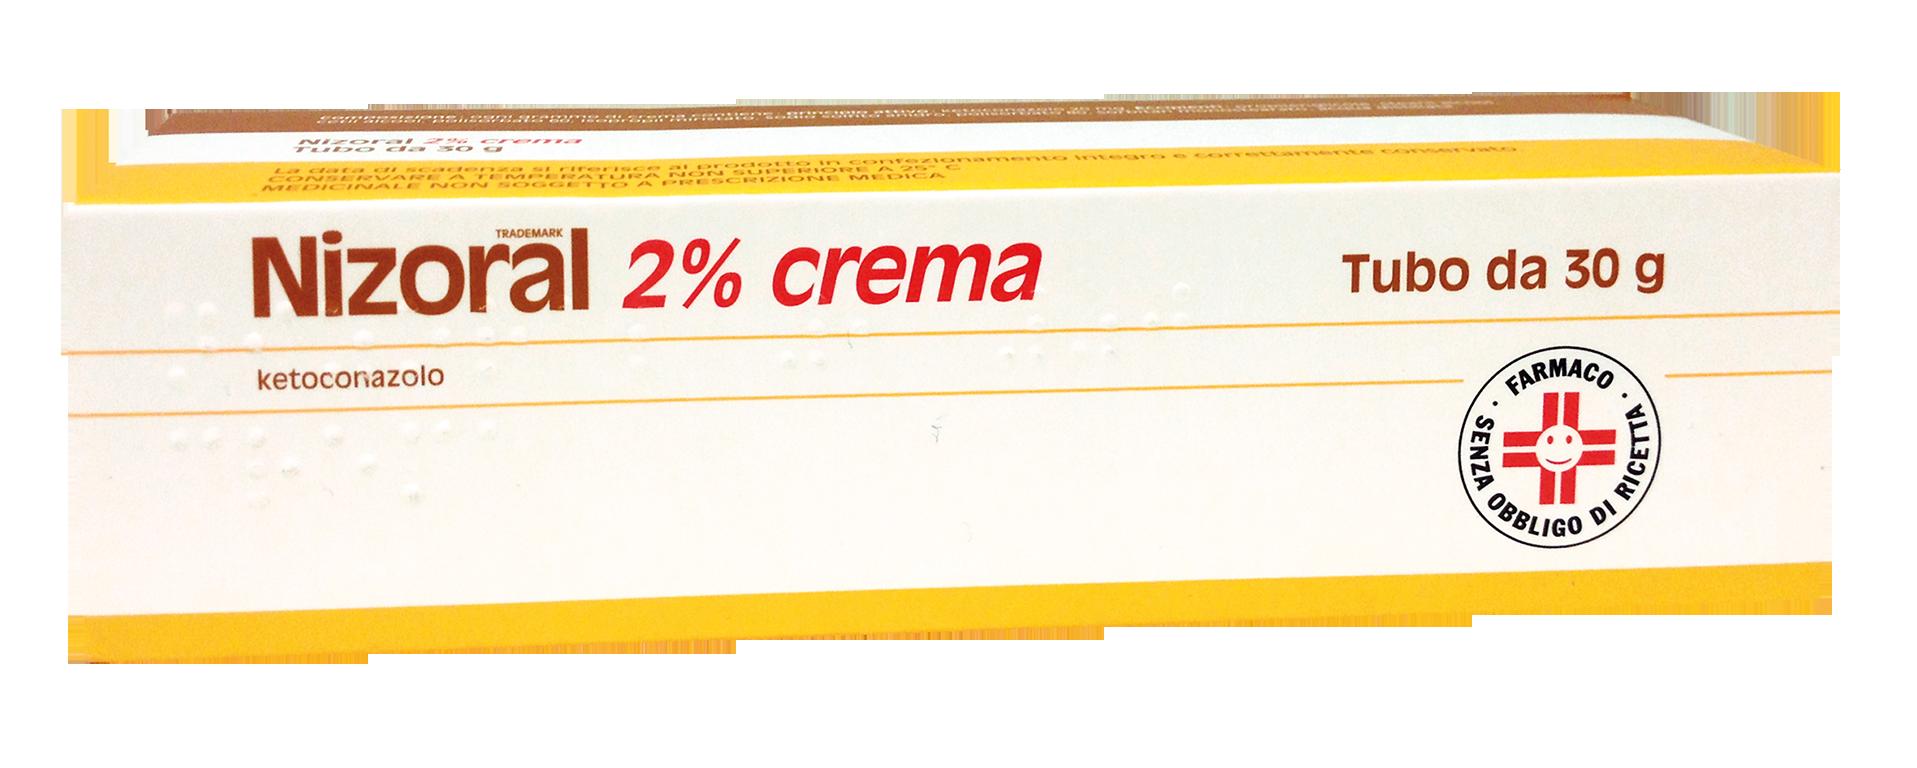 NIZORAL*CREMA DERM 30G 2% - Nowfarma.it